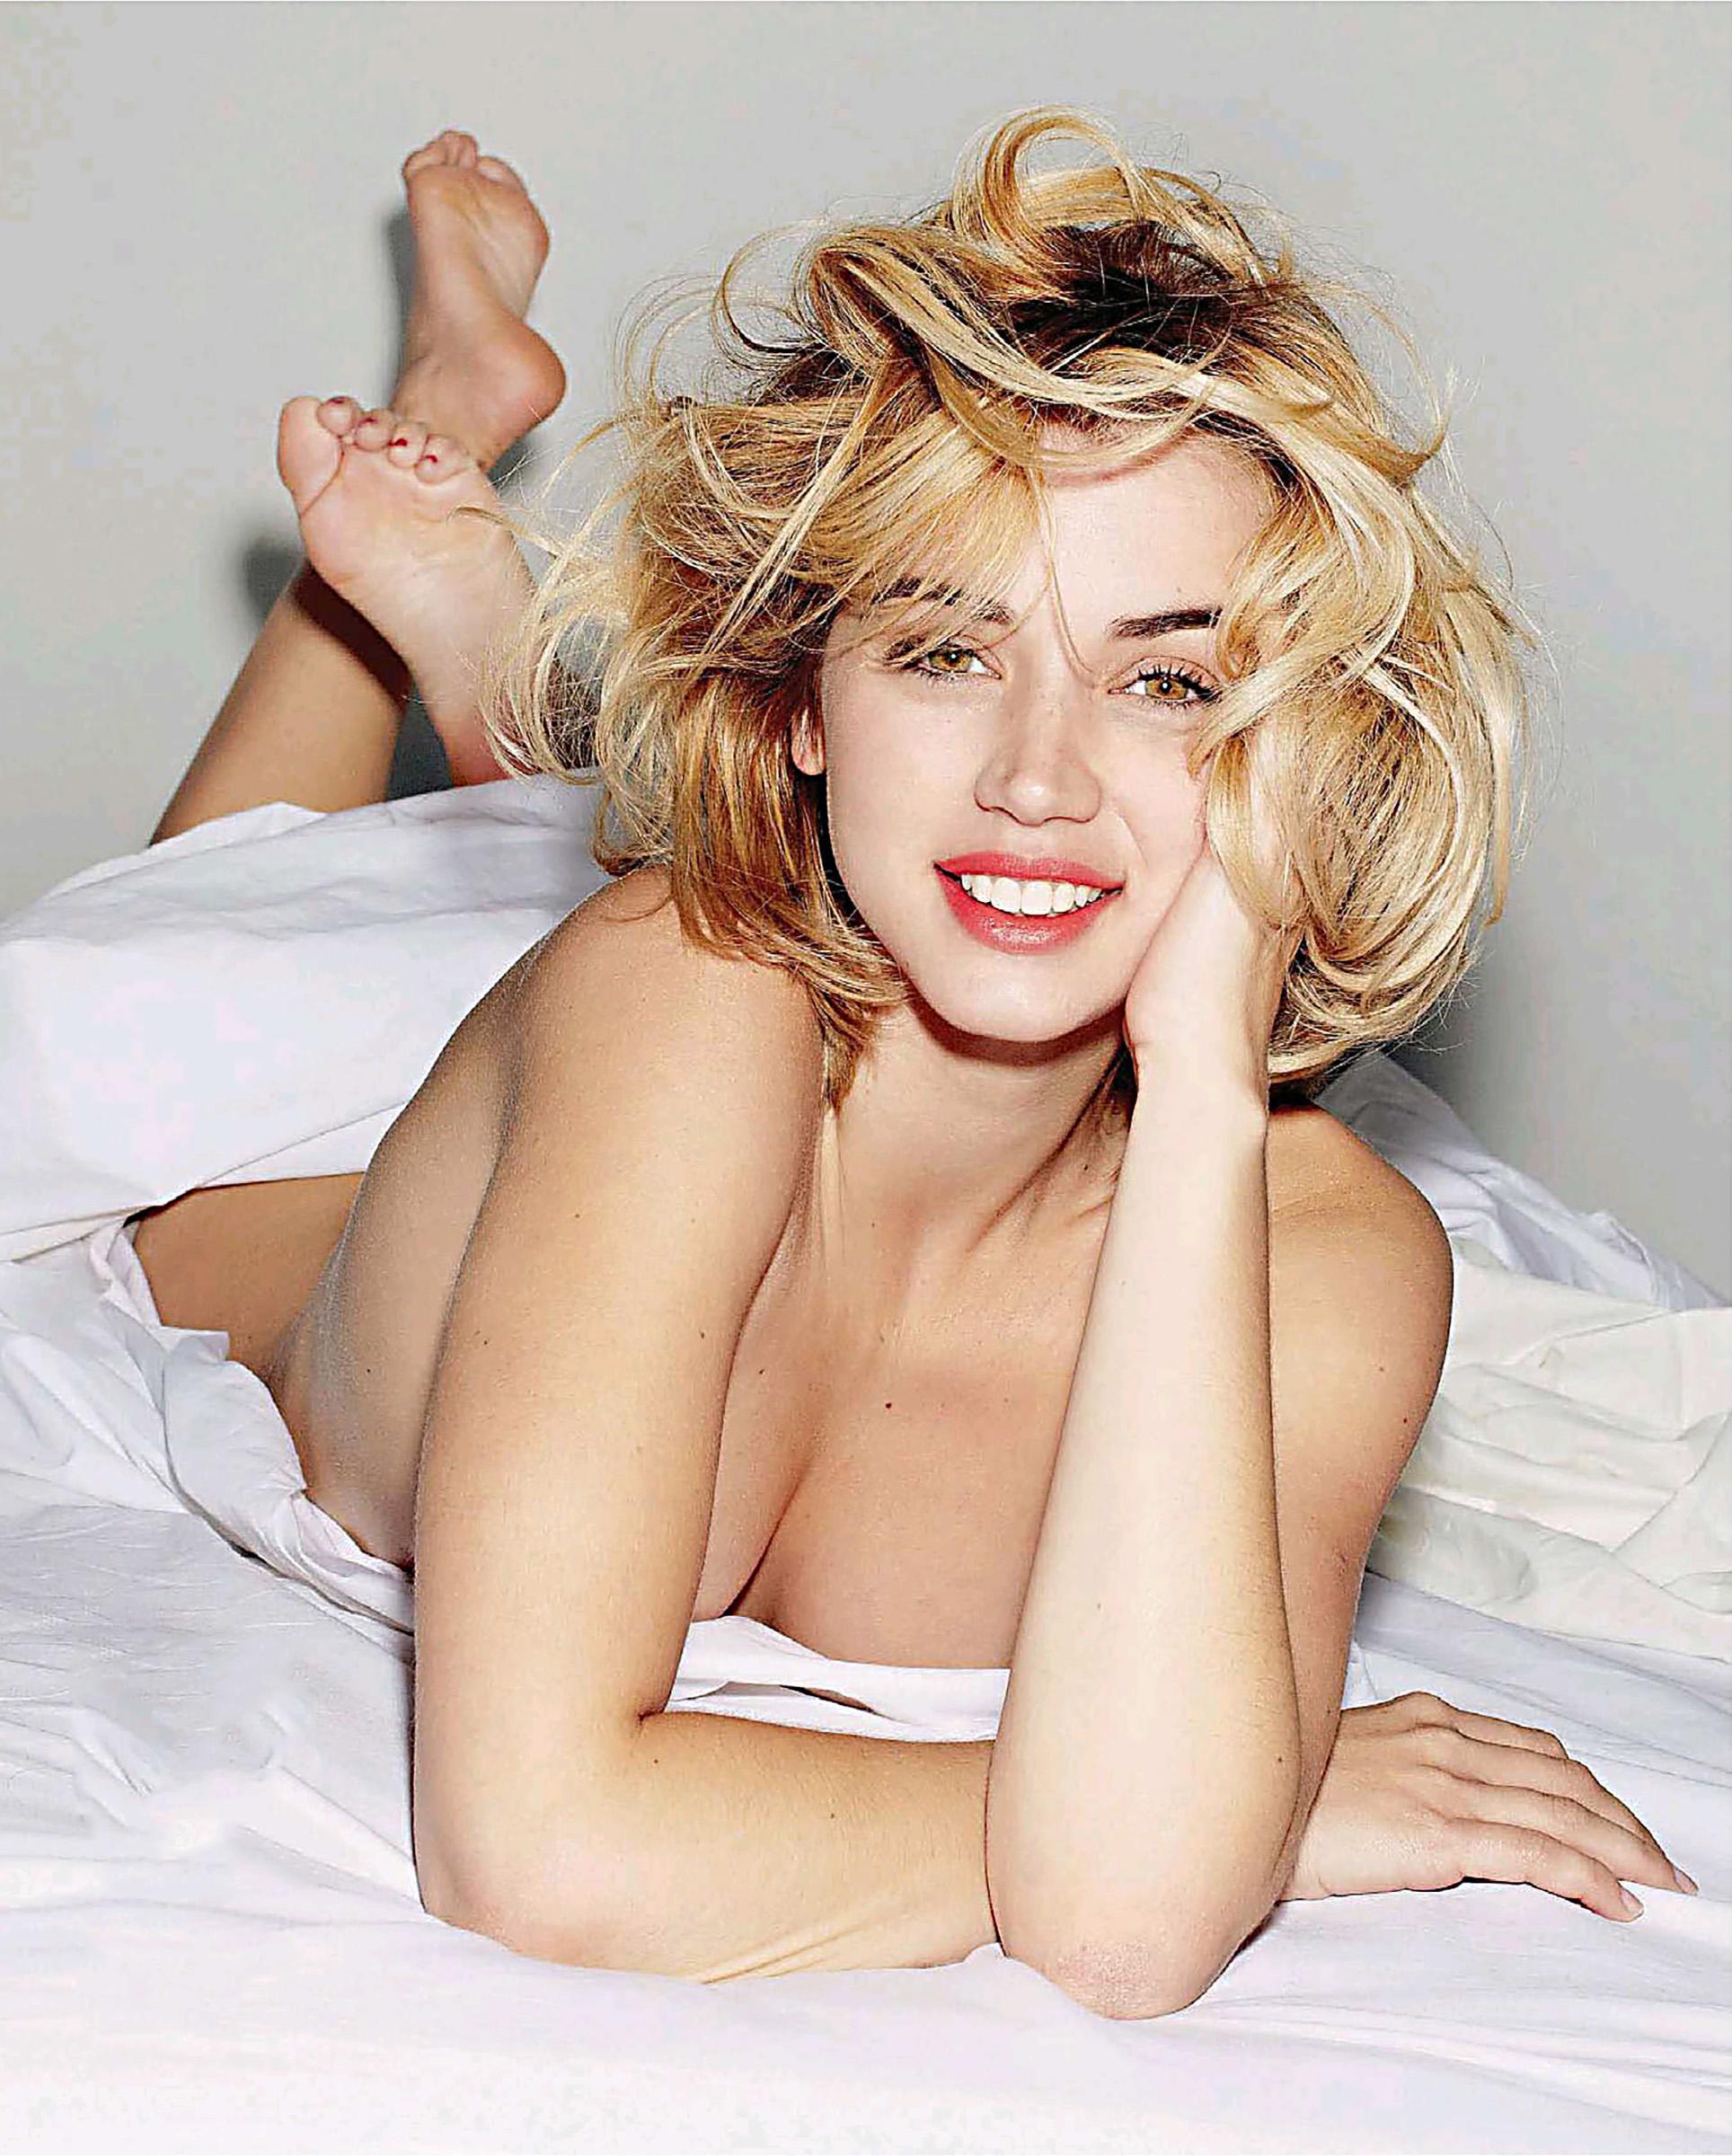 Ana de Armas hot pics undressed (6)